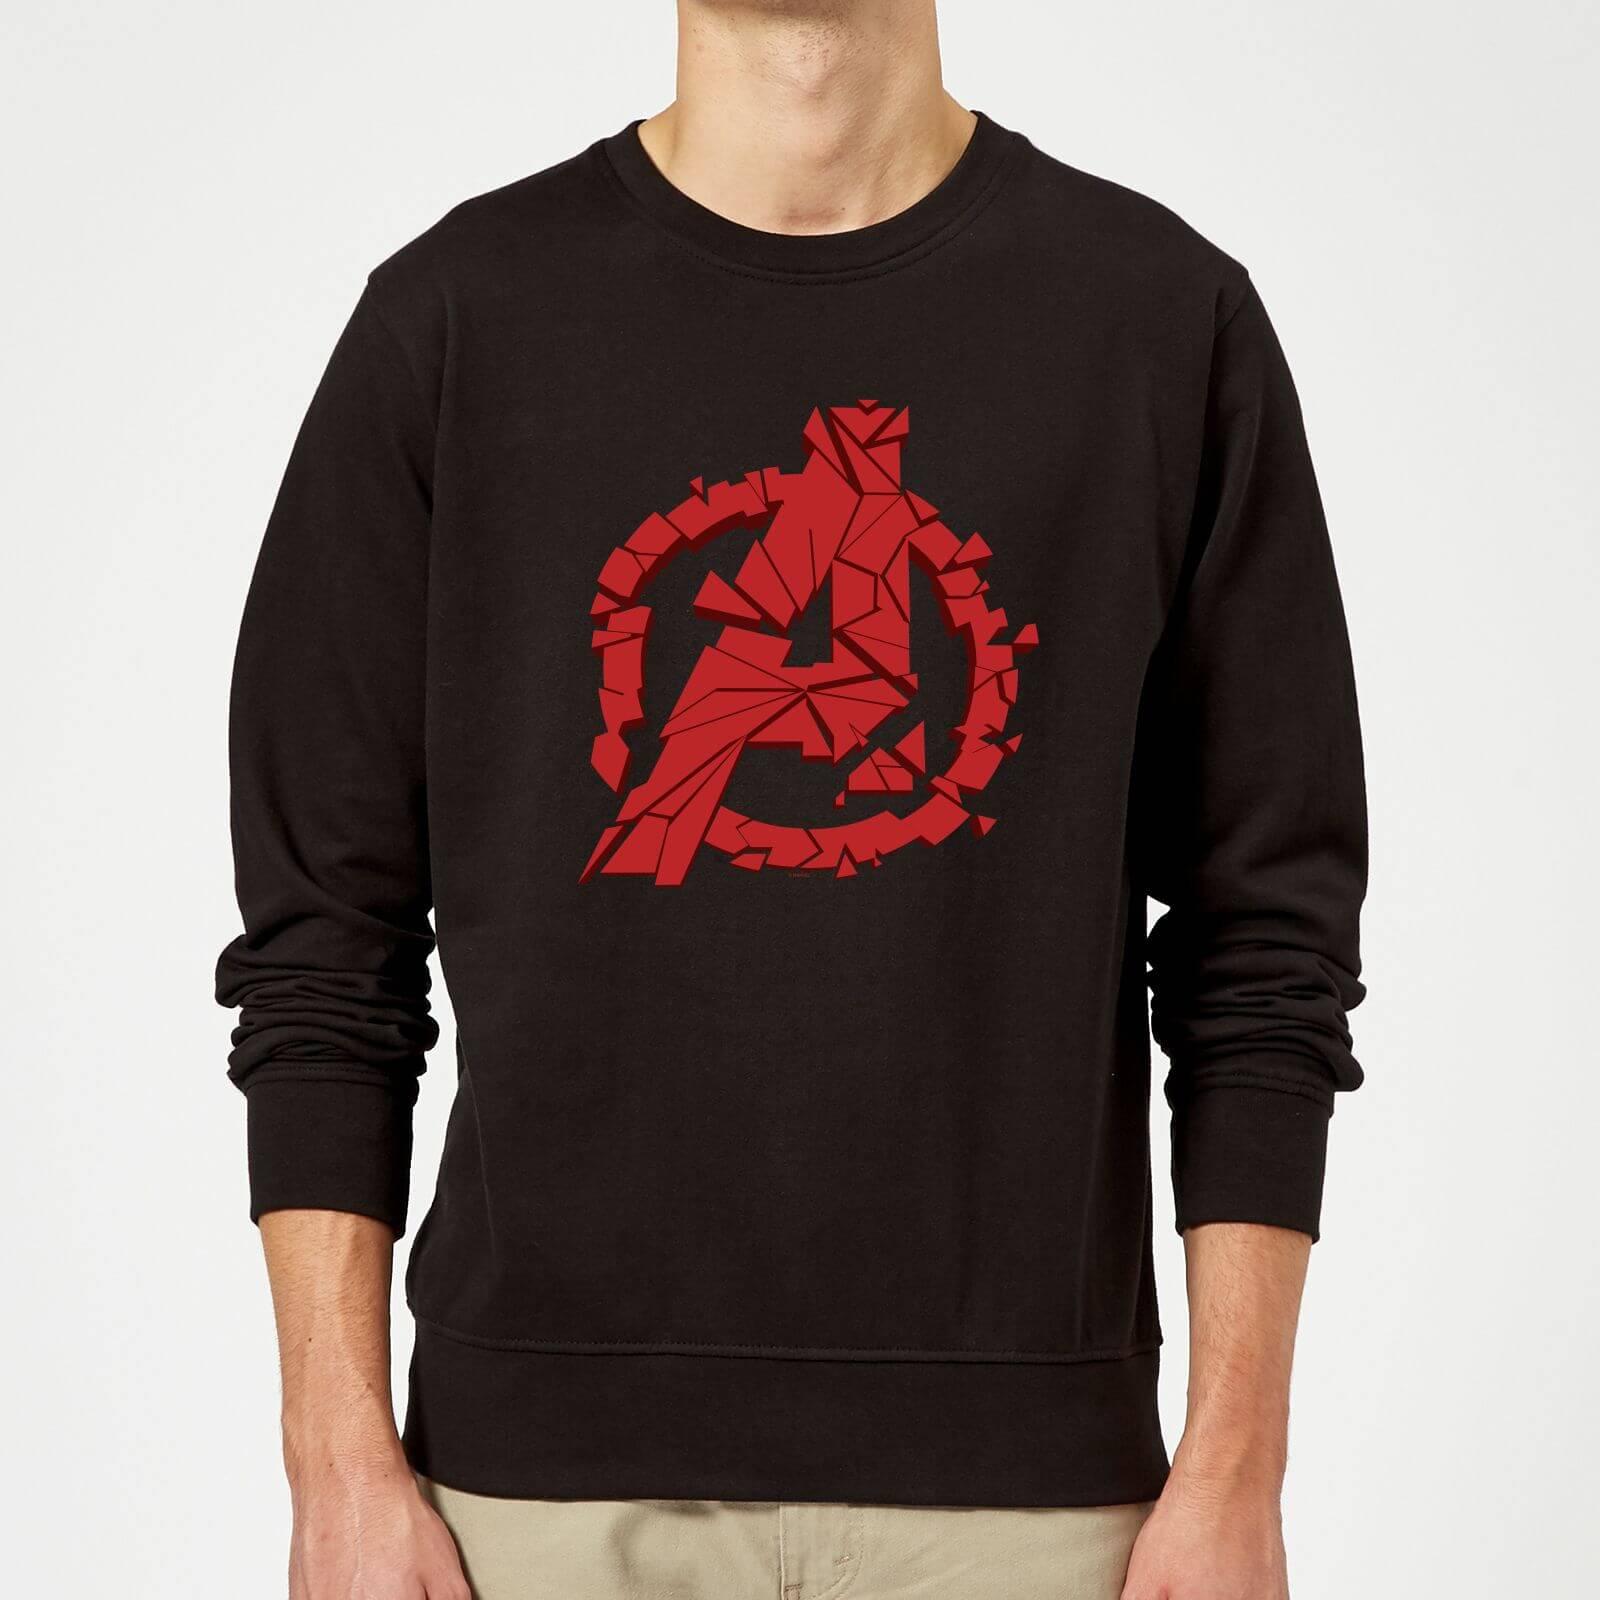 Marvel Avengers Endgame Shattered Logo Sweatshirt - Black - M - Black